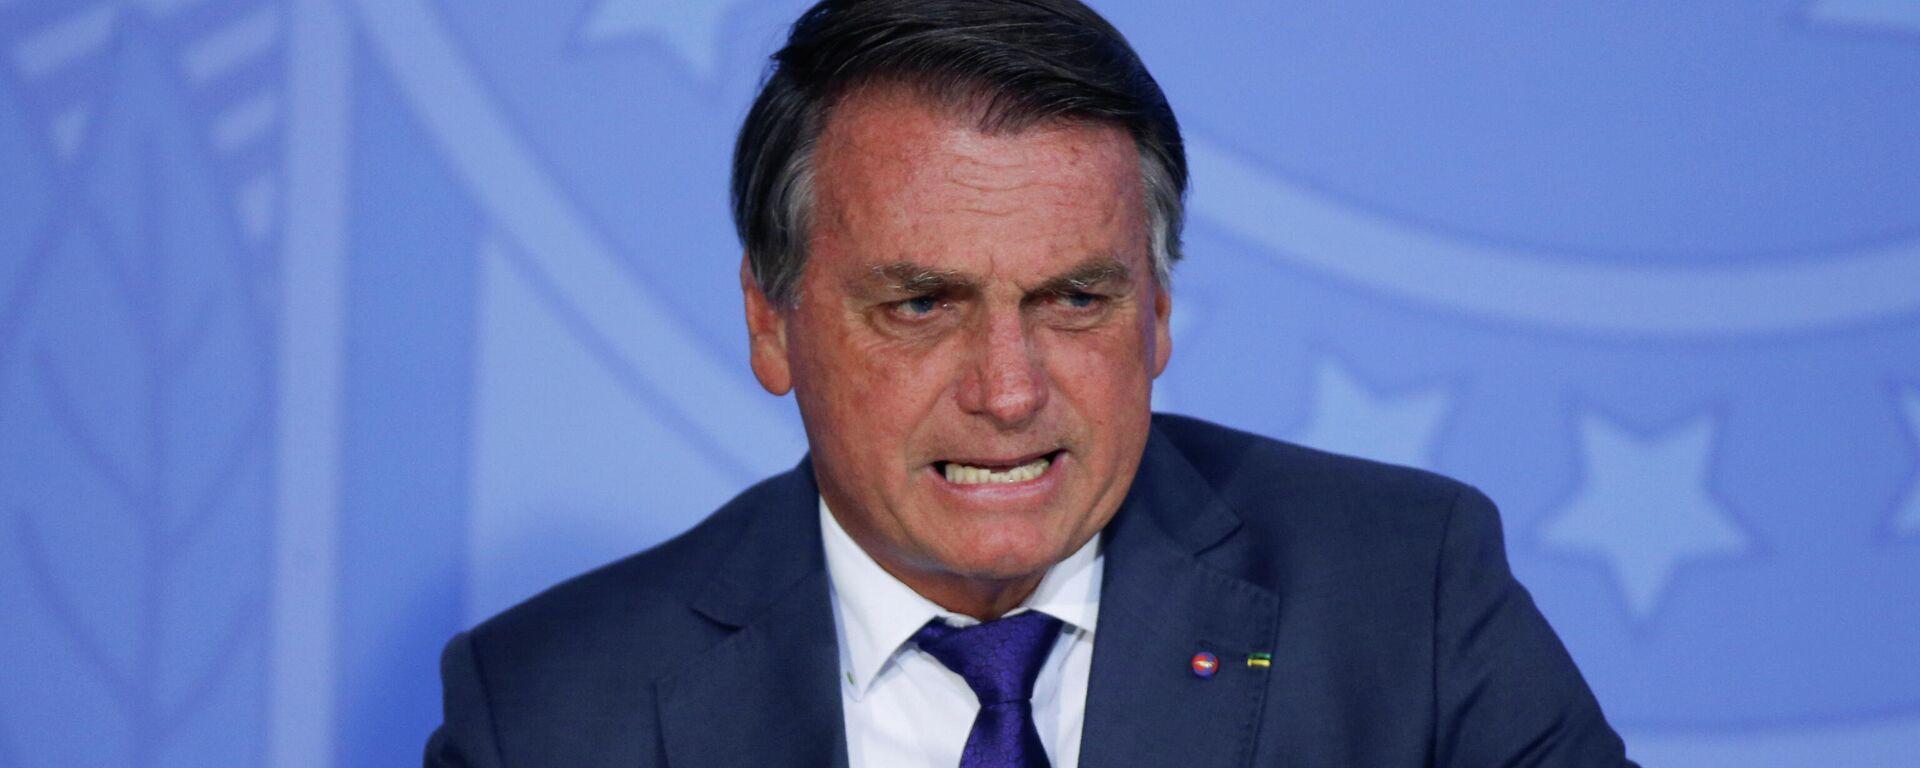 El presidente de Brasil, Jair Bolsonaro - Sputnik Mundo, 1920, 09.09.2021